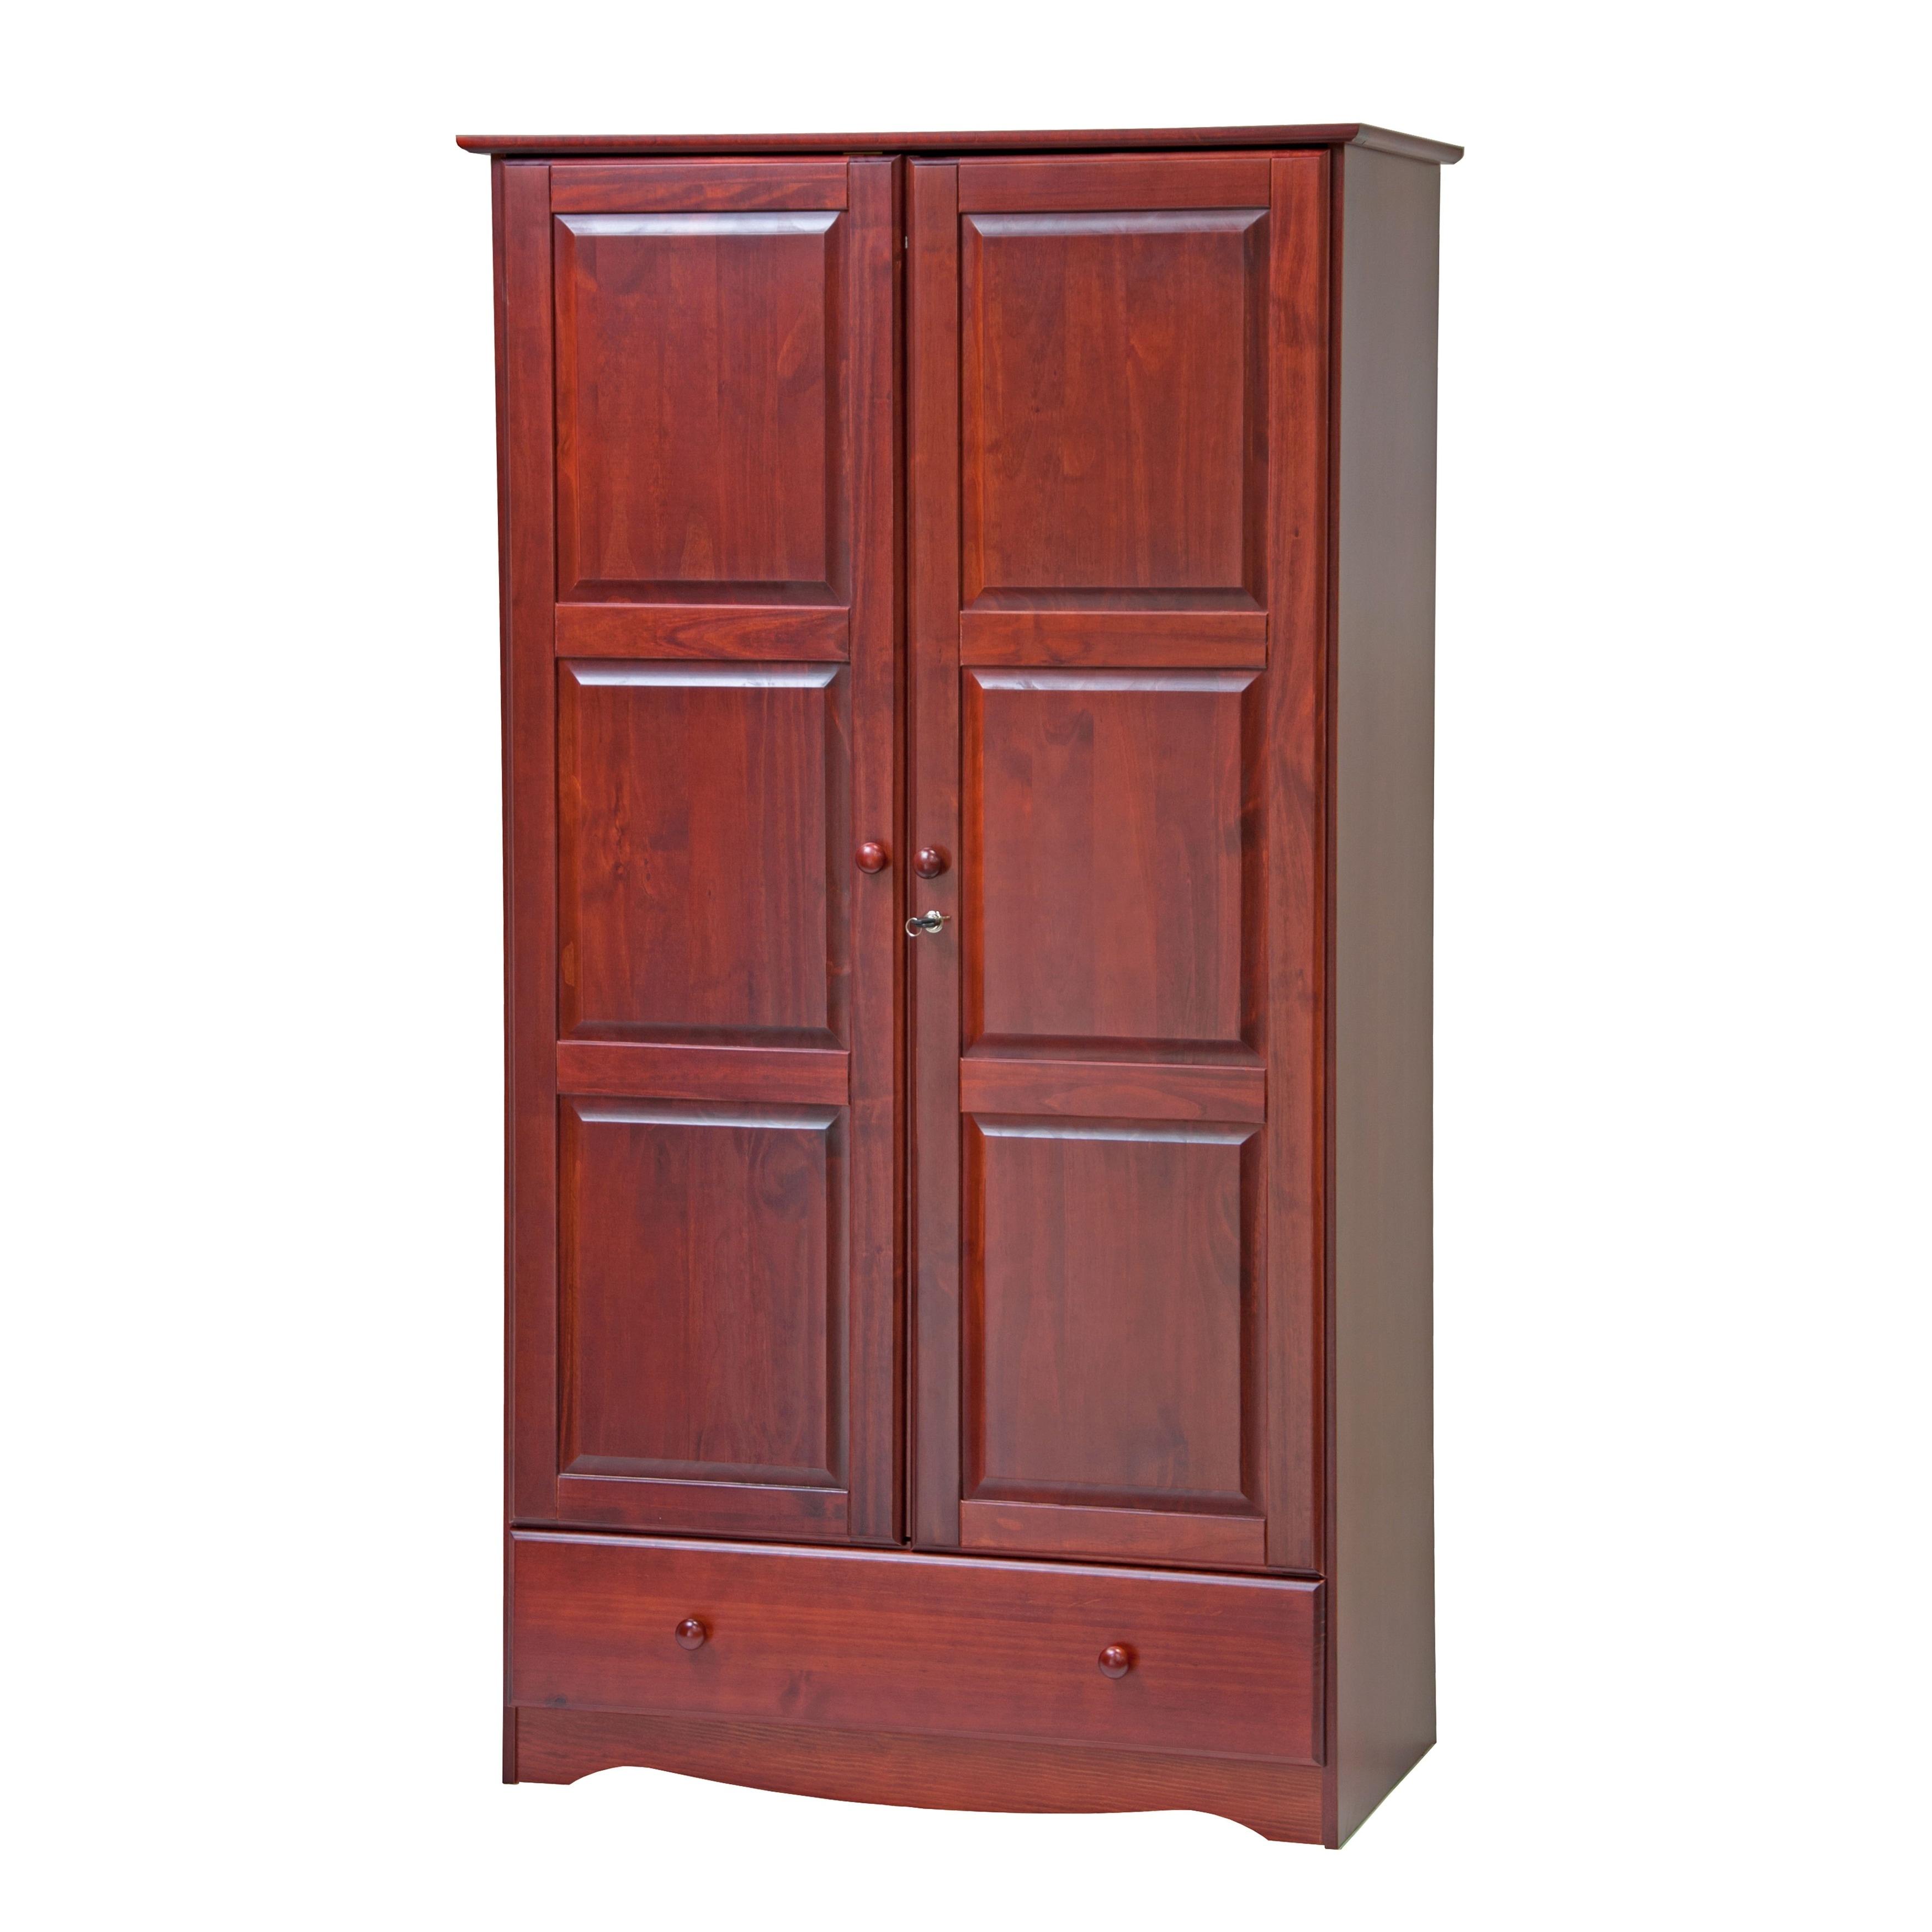 Palace Imports Universal Solid Wood Customizable Wardrobe...